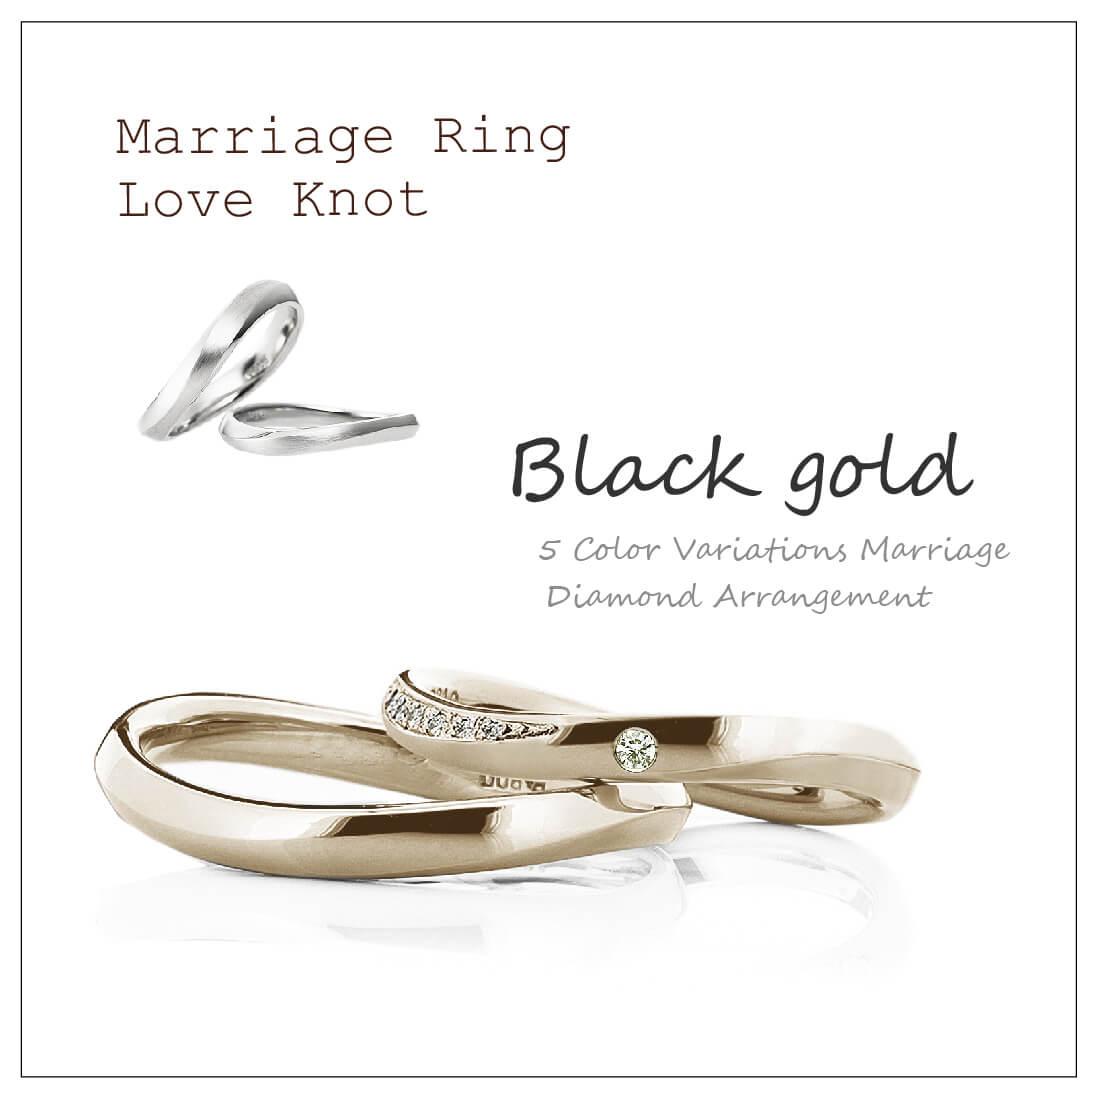 ウエーブのペアの結婚指輪です。2本ともプラチナよりも深い色味のブラックゴールドです。レディースは真ん中に1ピース、サイド面にメレダイヤを並べています。